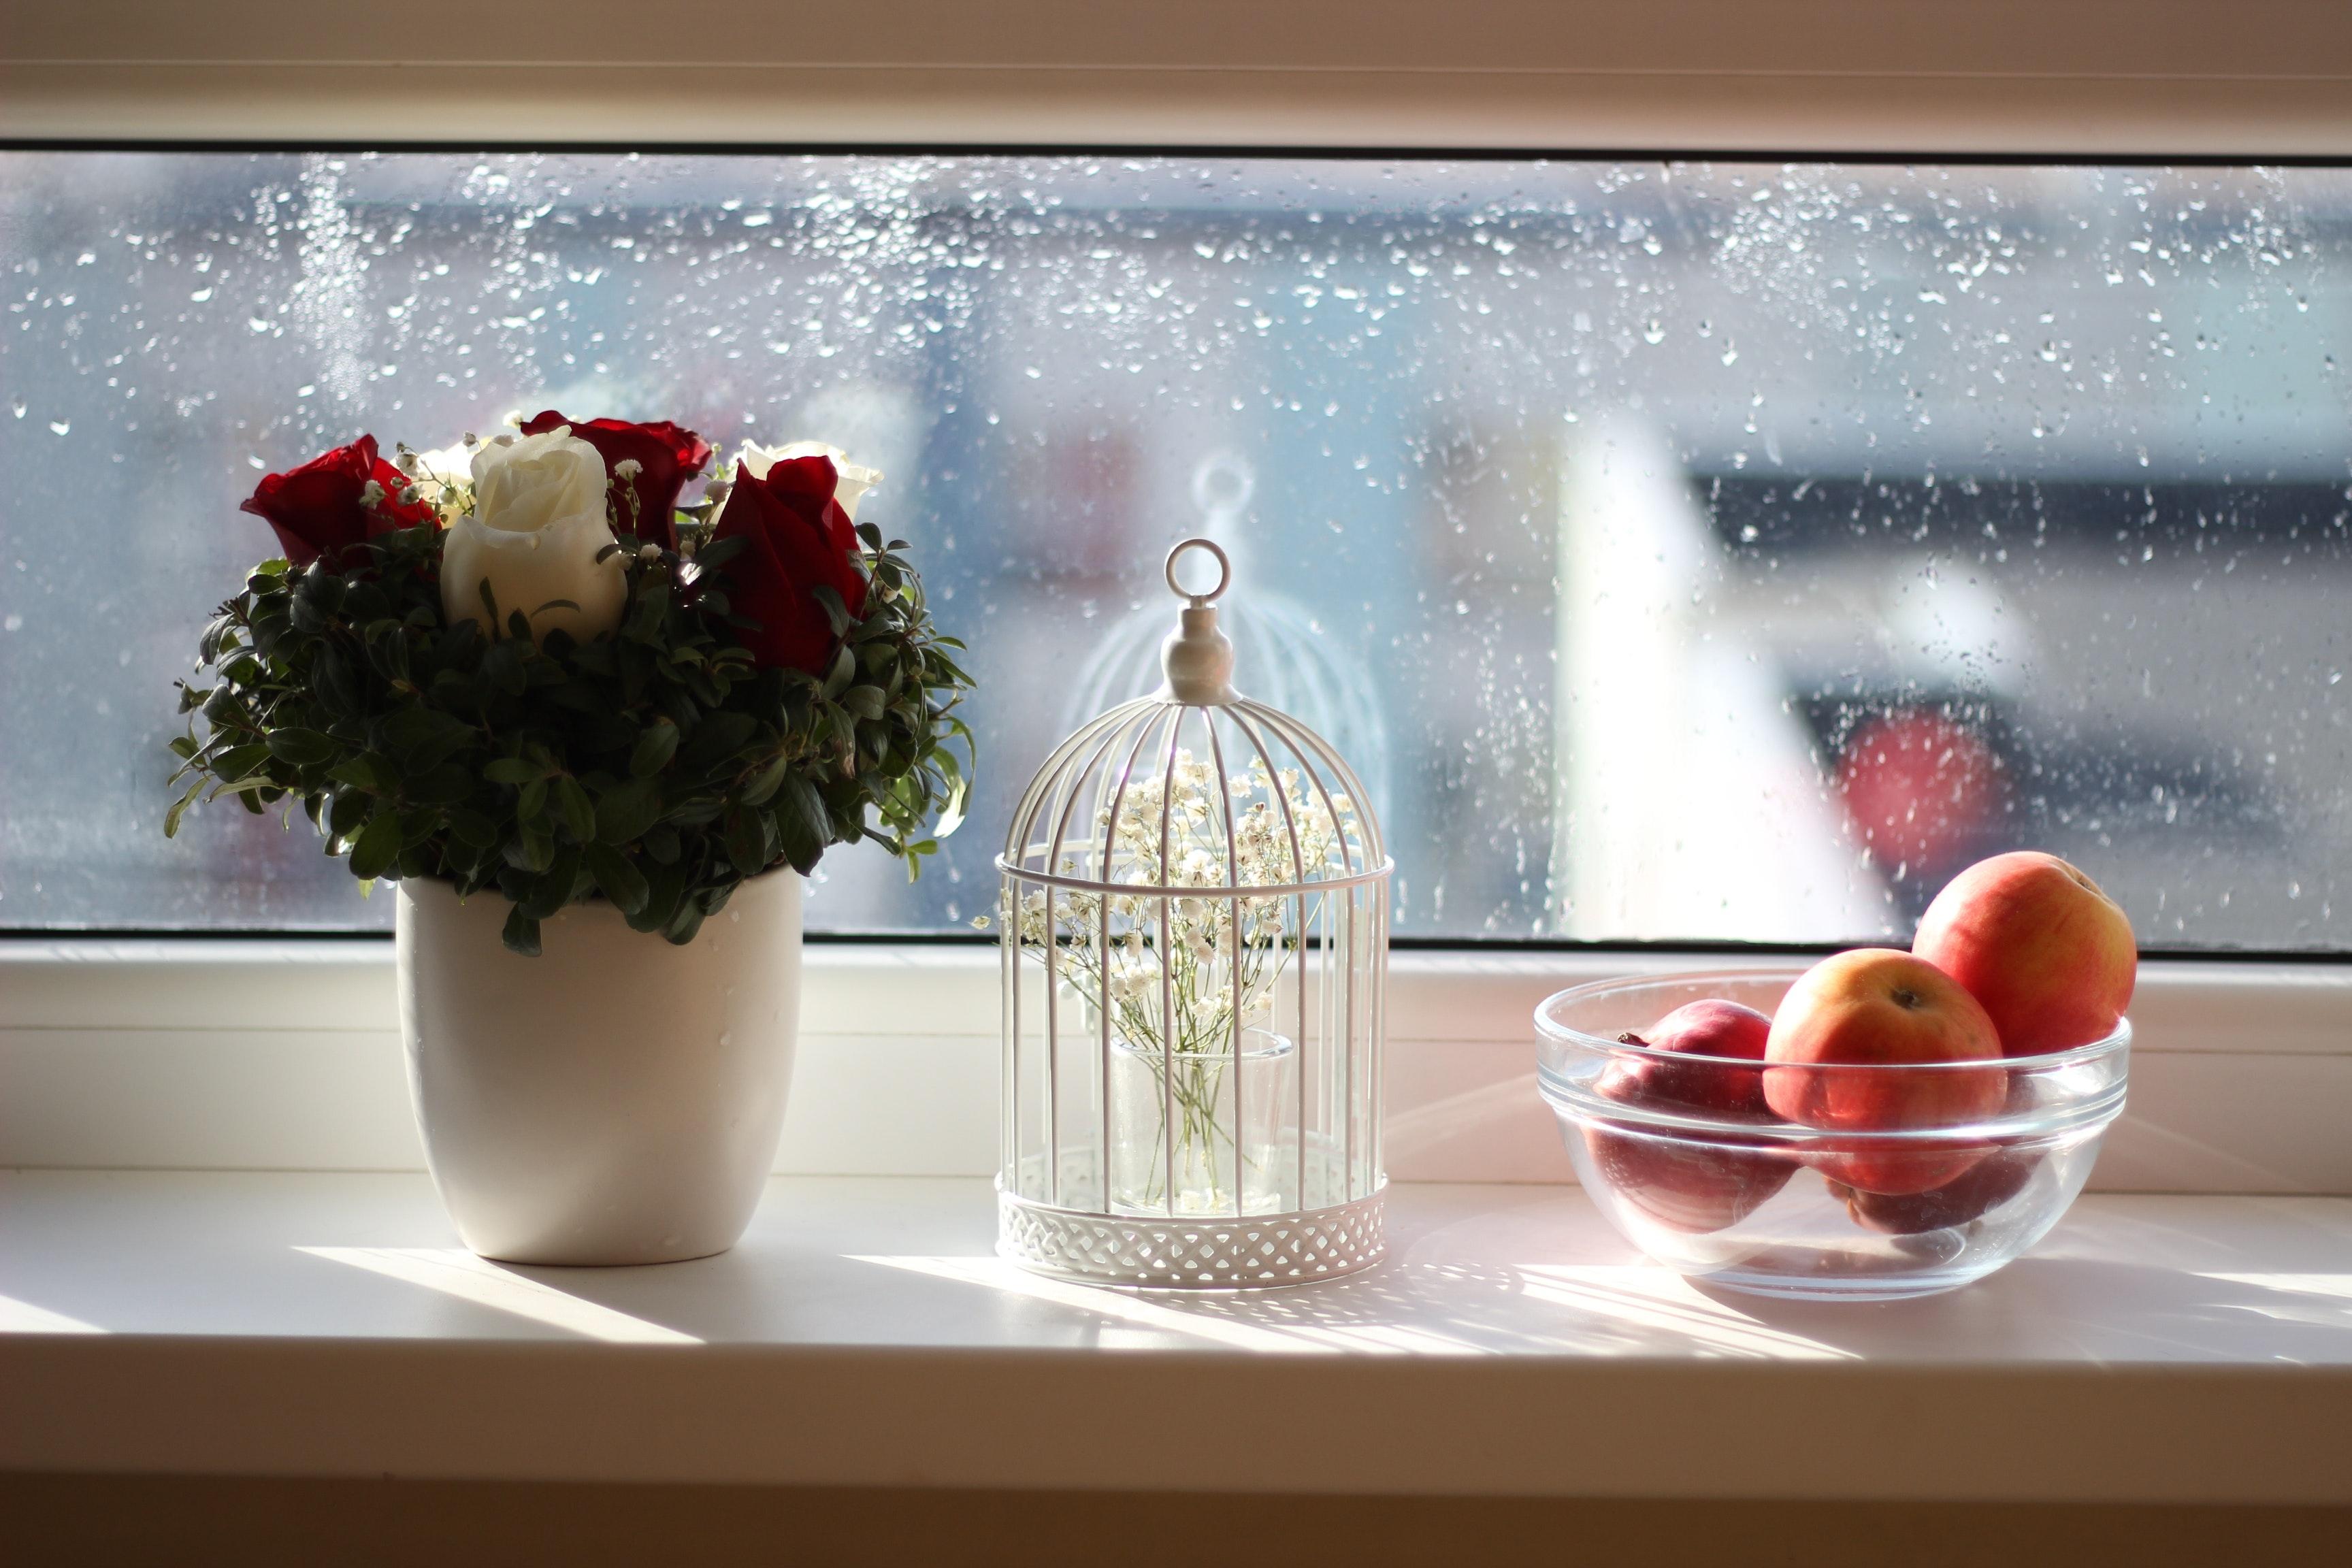 Kostenloses Foto Zum Thema Apfel Blumen Dekor